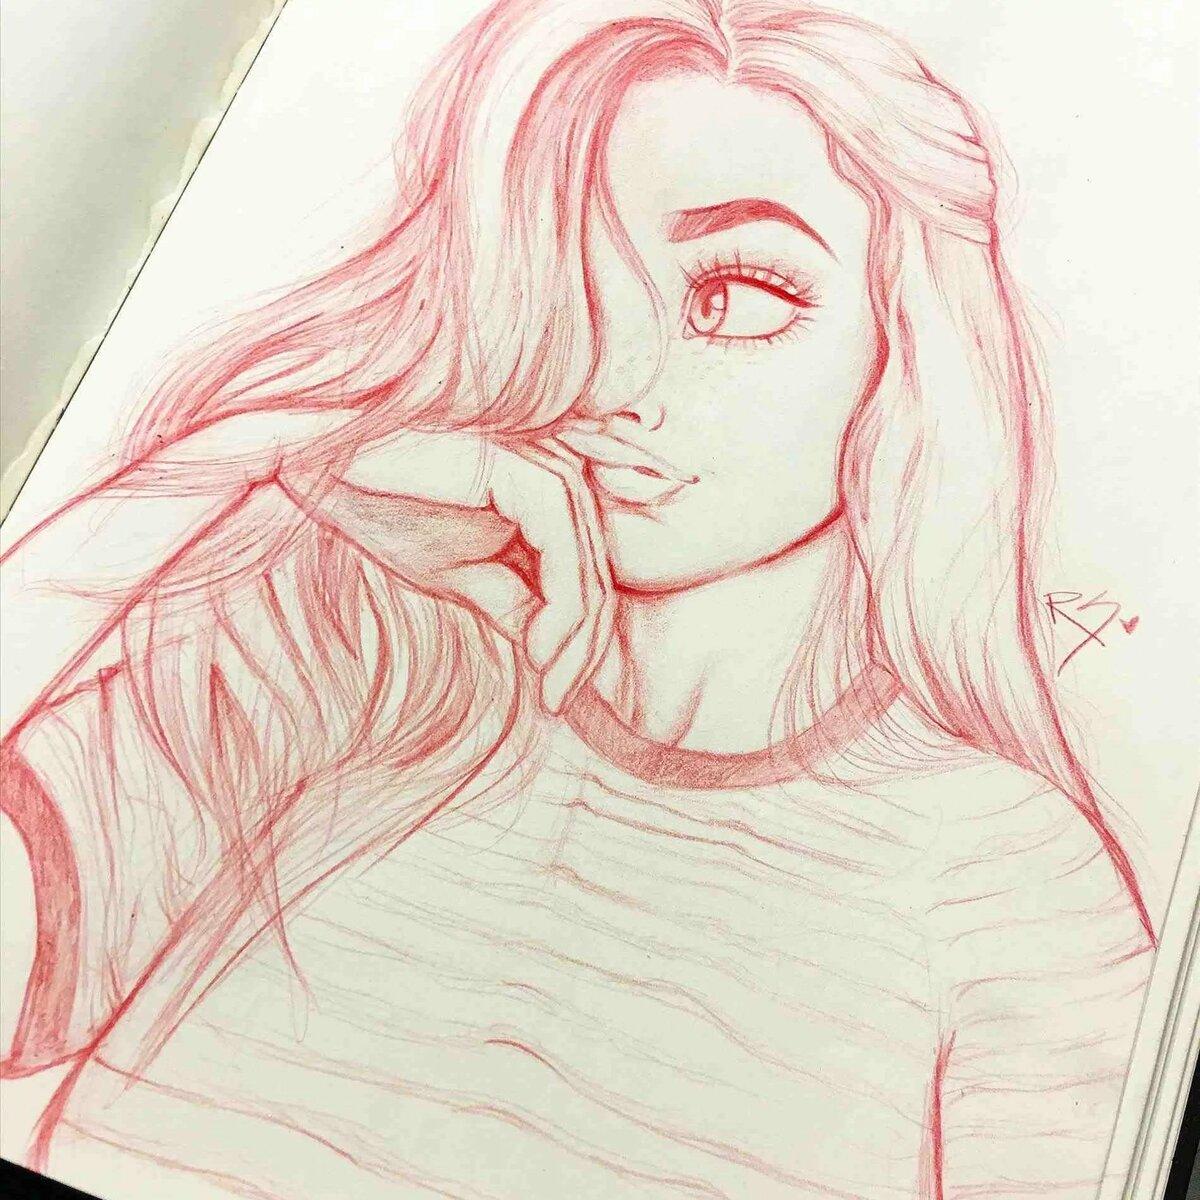 Картинки для девушек карандашом простые и четкие